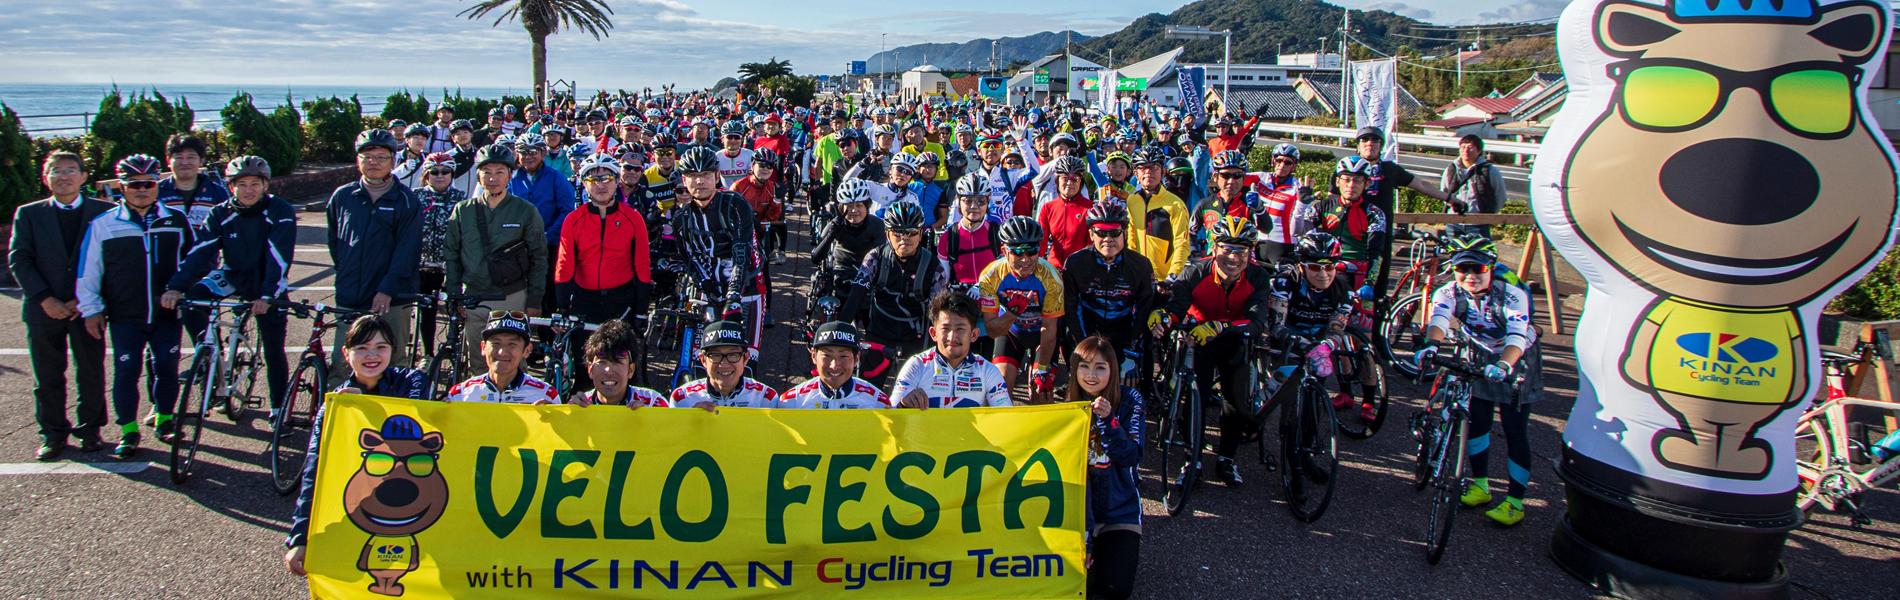 紀南シーサイドヴェロフェスタ with KINAN Cycling Team